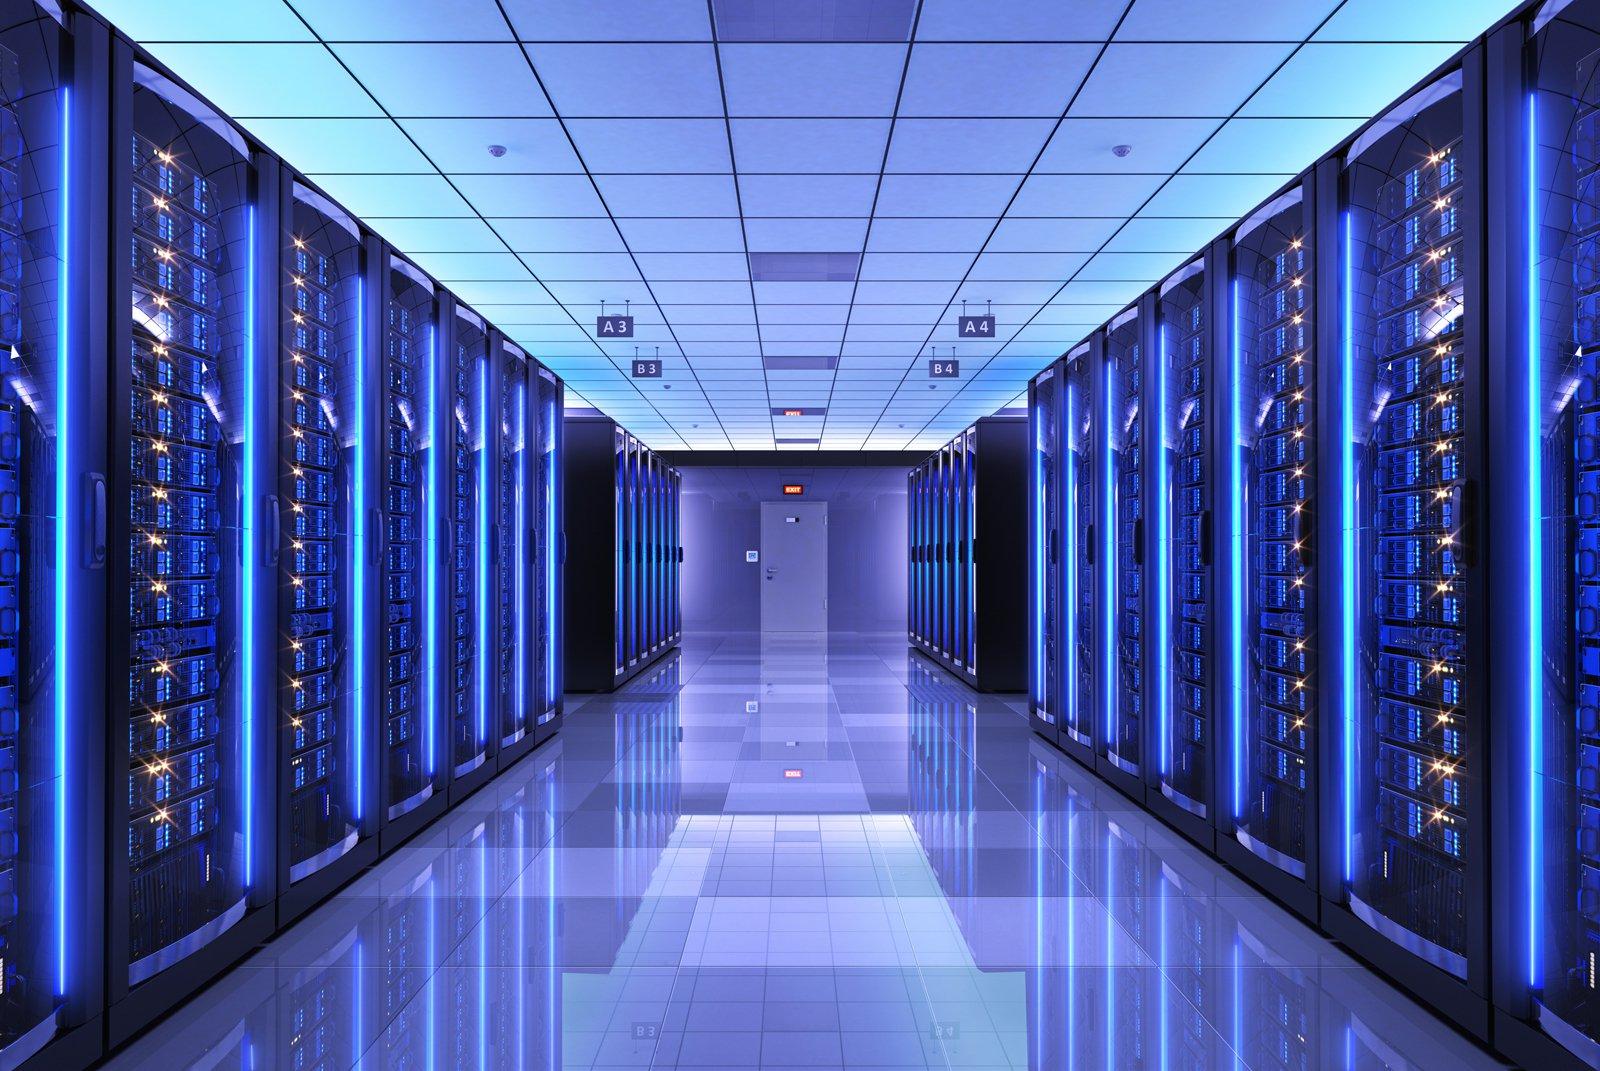 Data Center Imagery